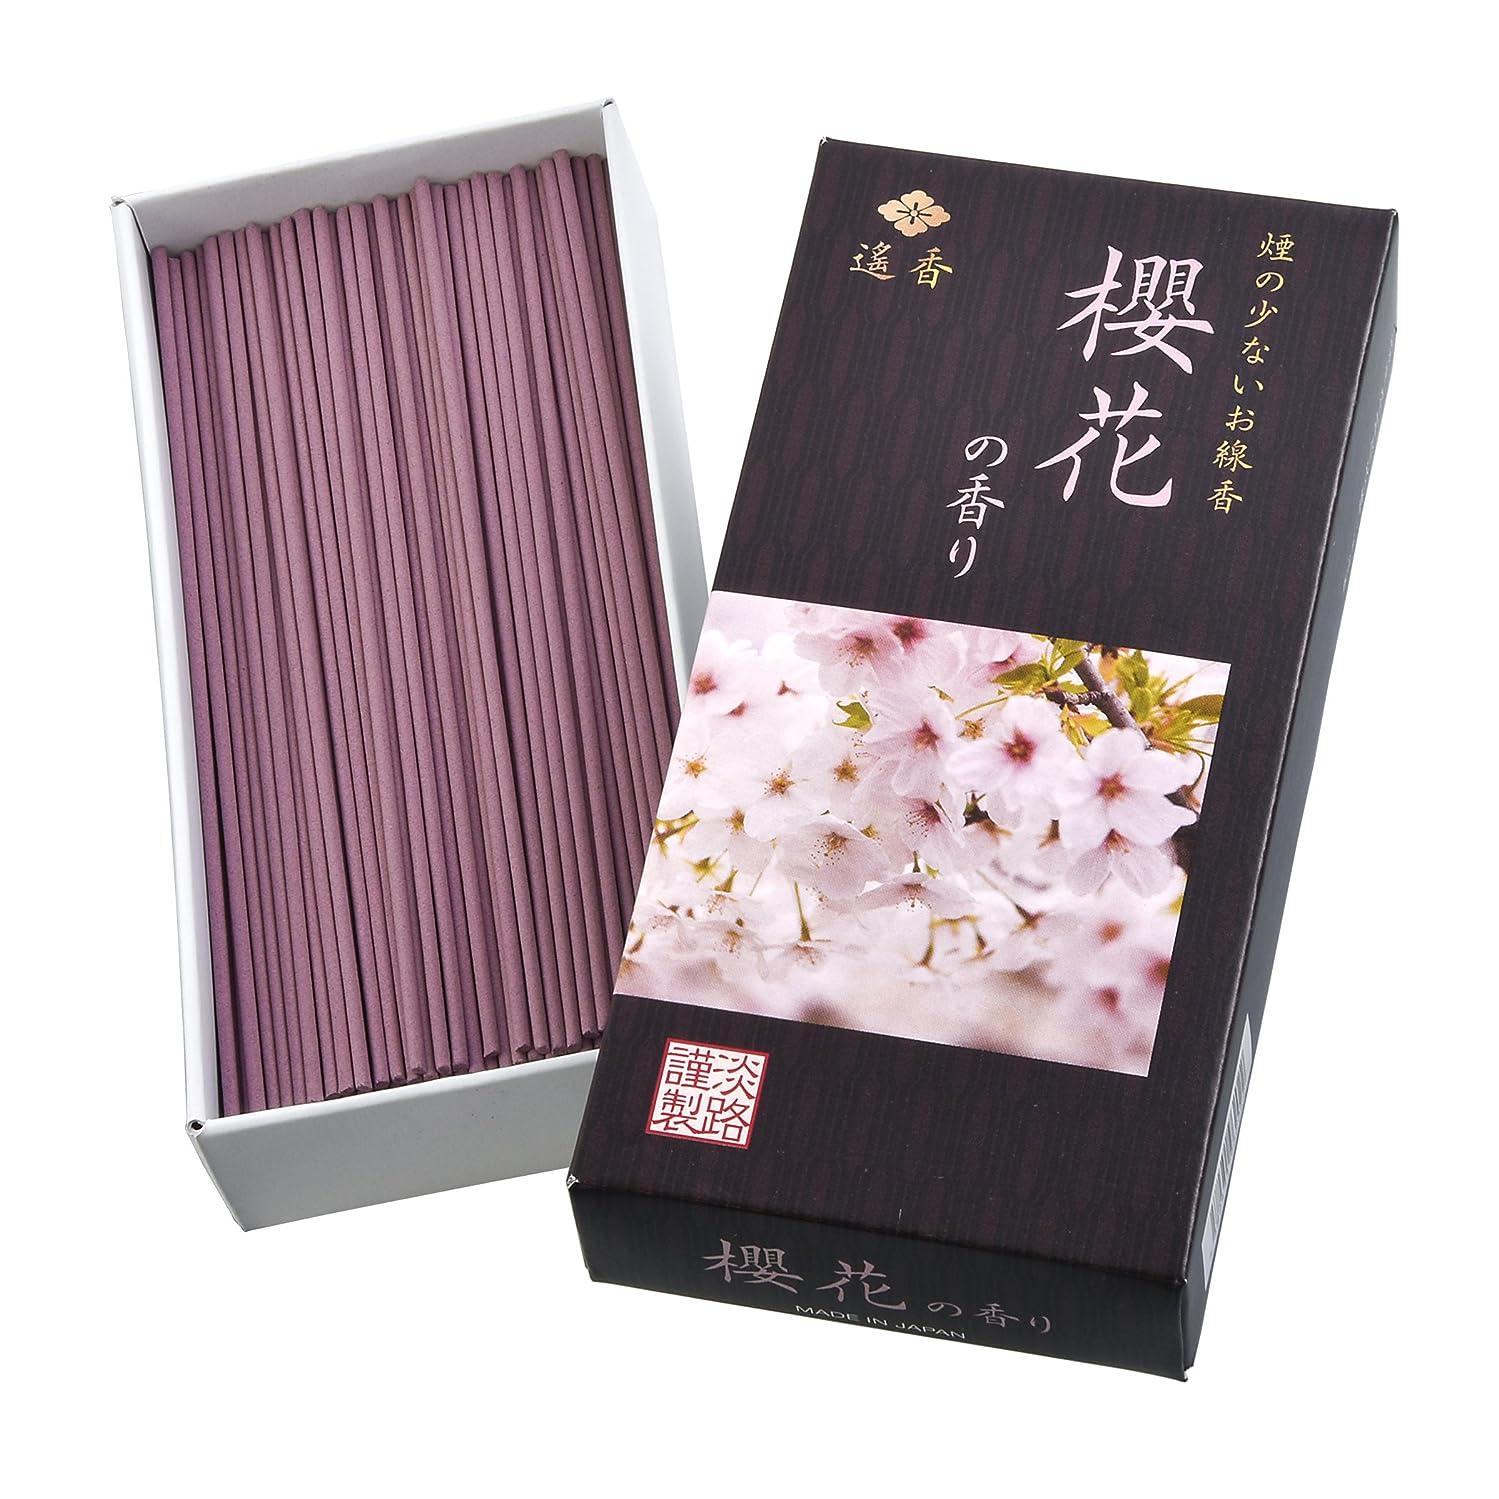 格納パスタ乏しい良生活 遙香 櫻花の香り